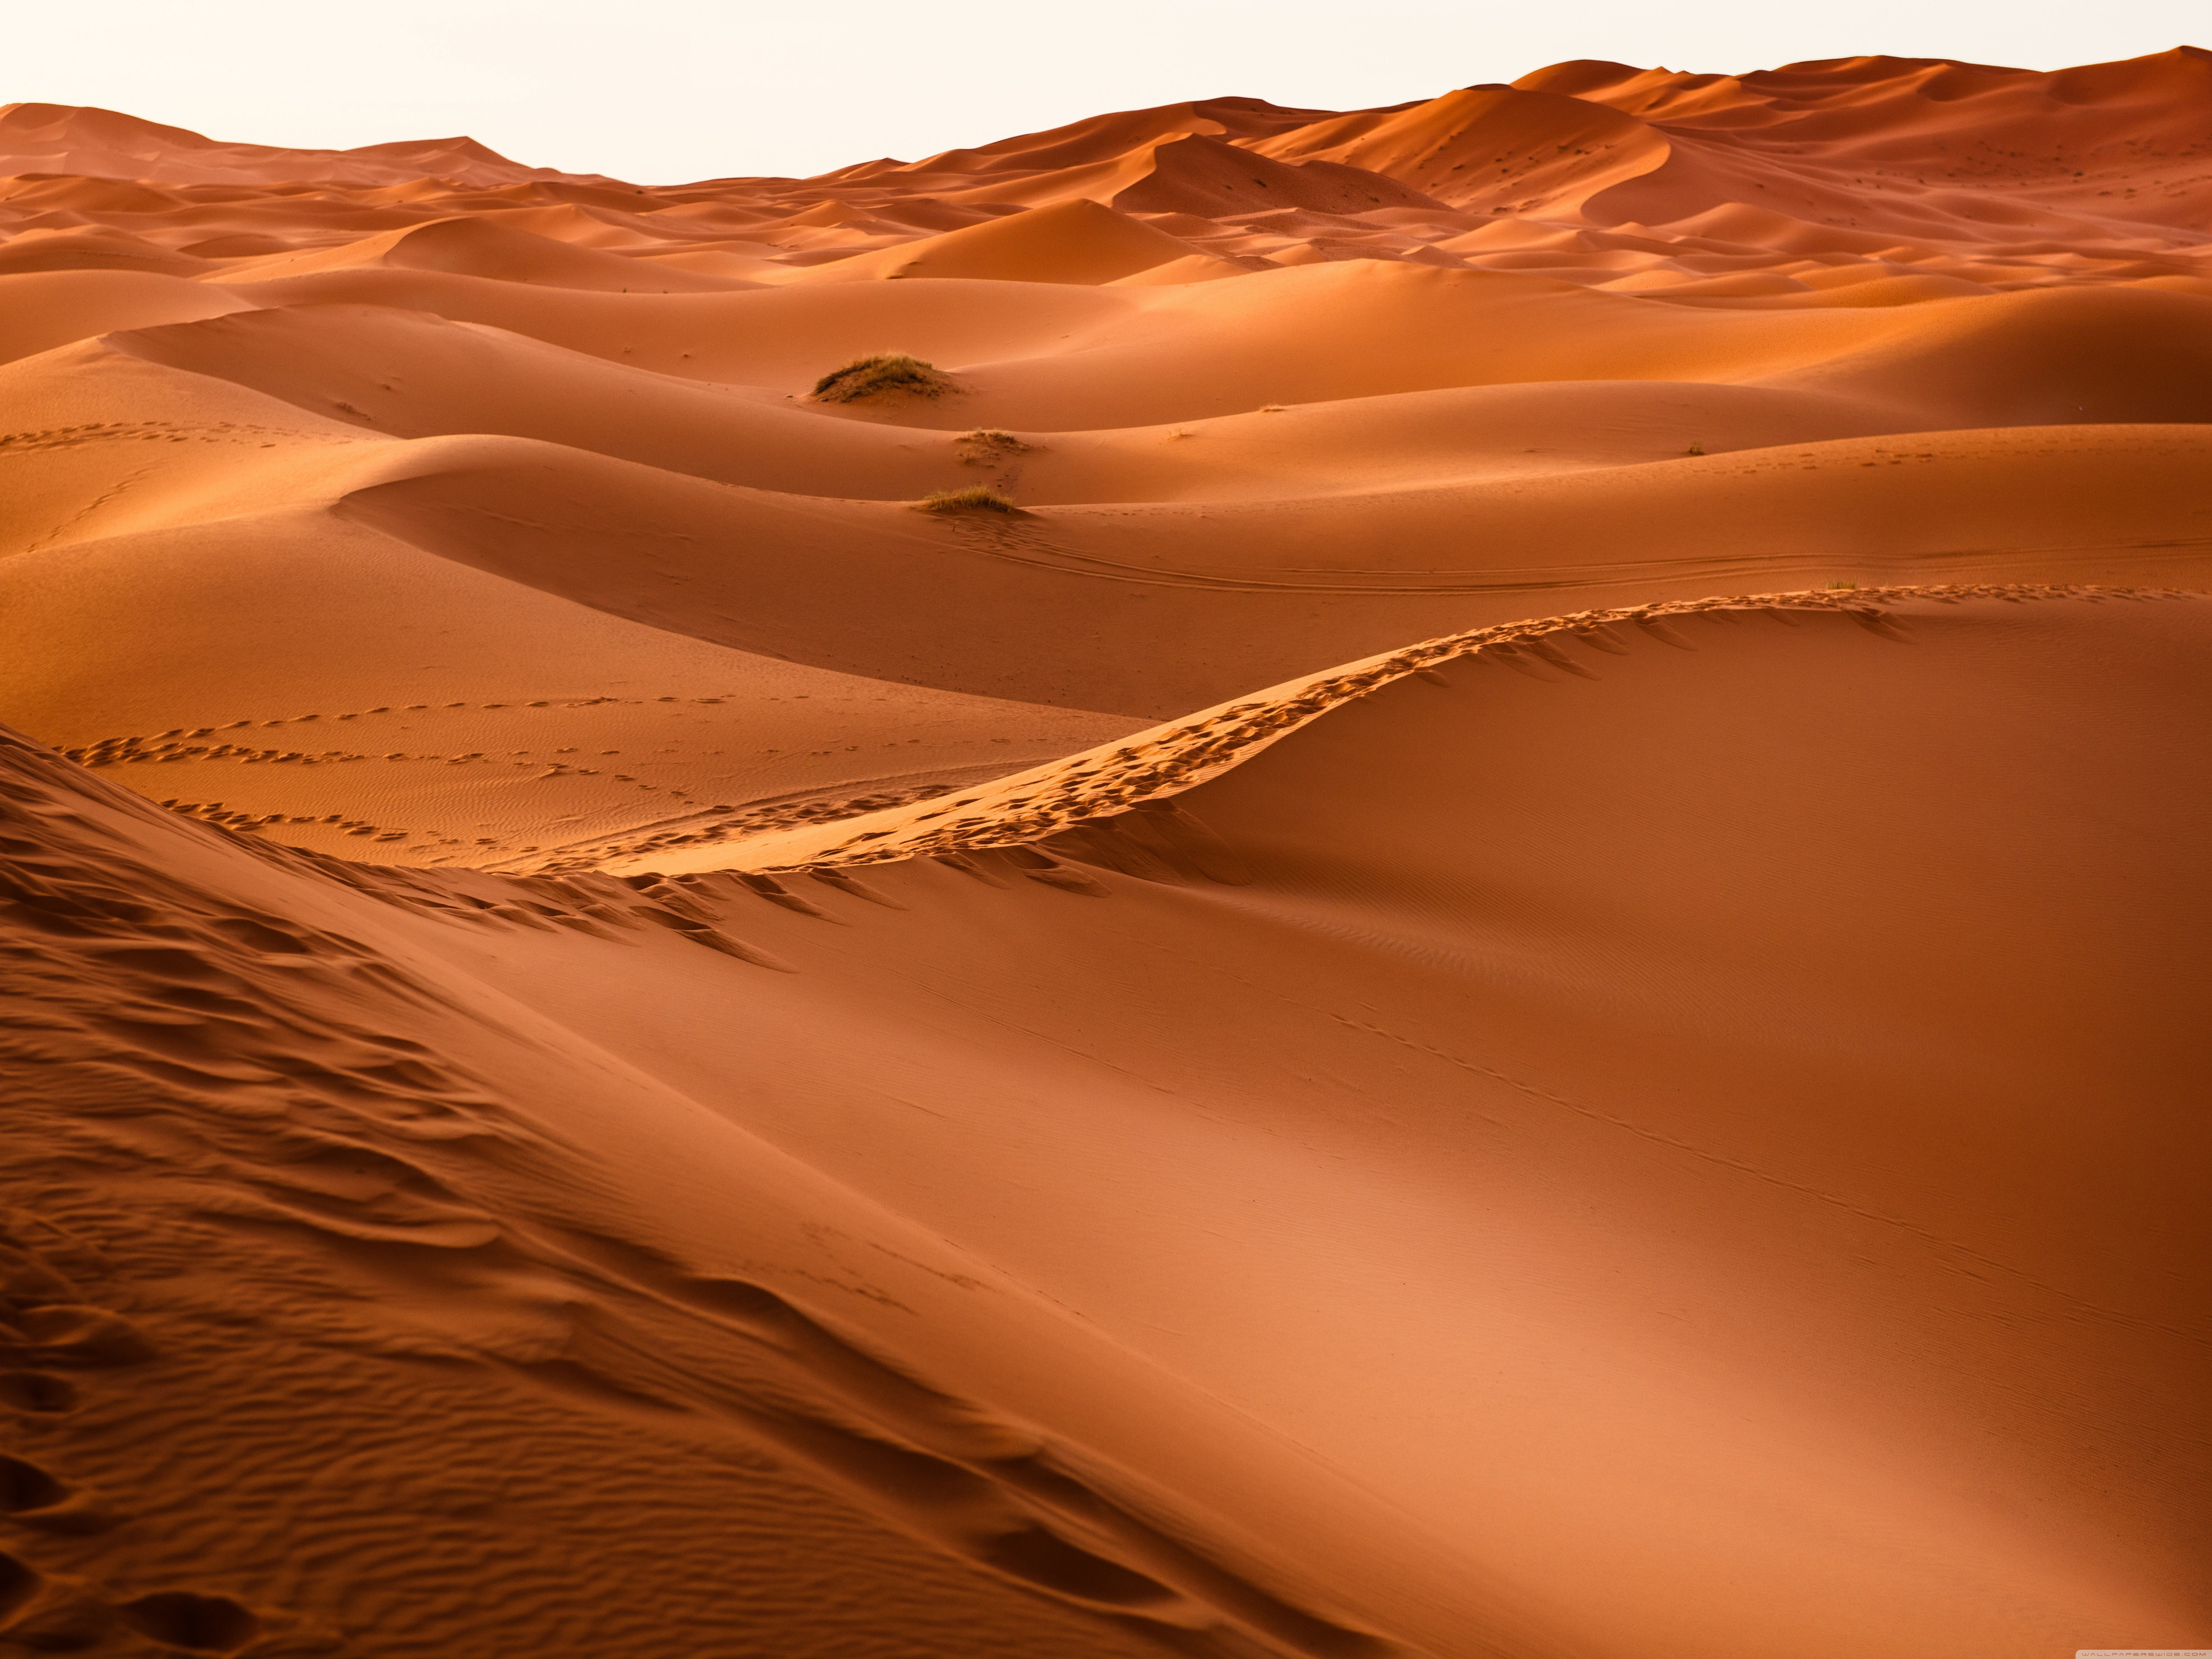 Desert Hd Wallpapers Top Free Desert Hd Backgrounds Wallpaperaccess